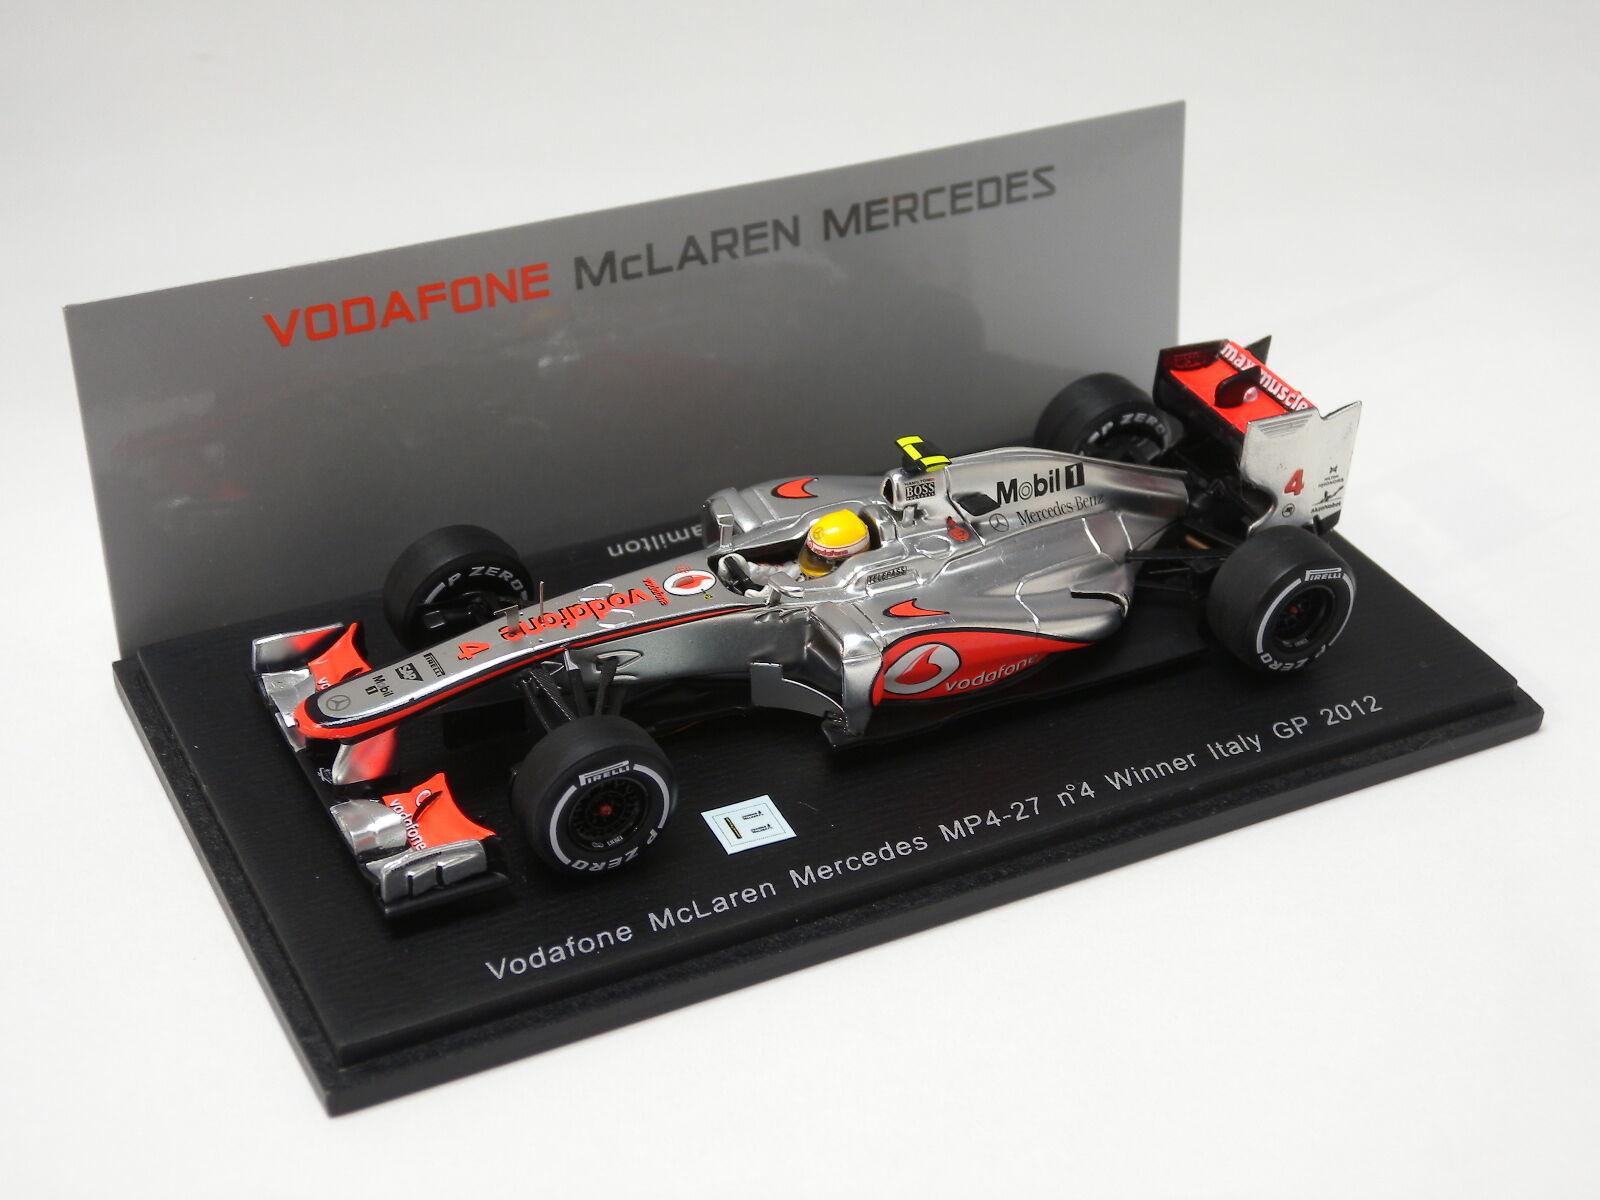 Vodafone McLaren MP4-27, No.4, gagnant L.  Hamilton ITALIE GRAND PRIX 2012 Spark 1 43 S3047  achats de mode en ligne